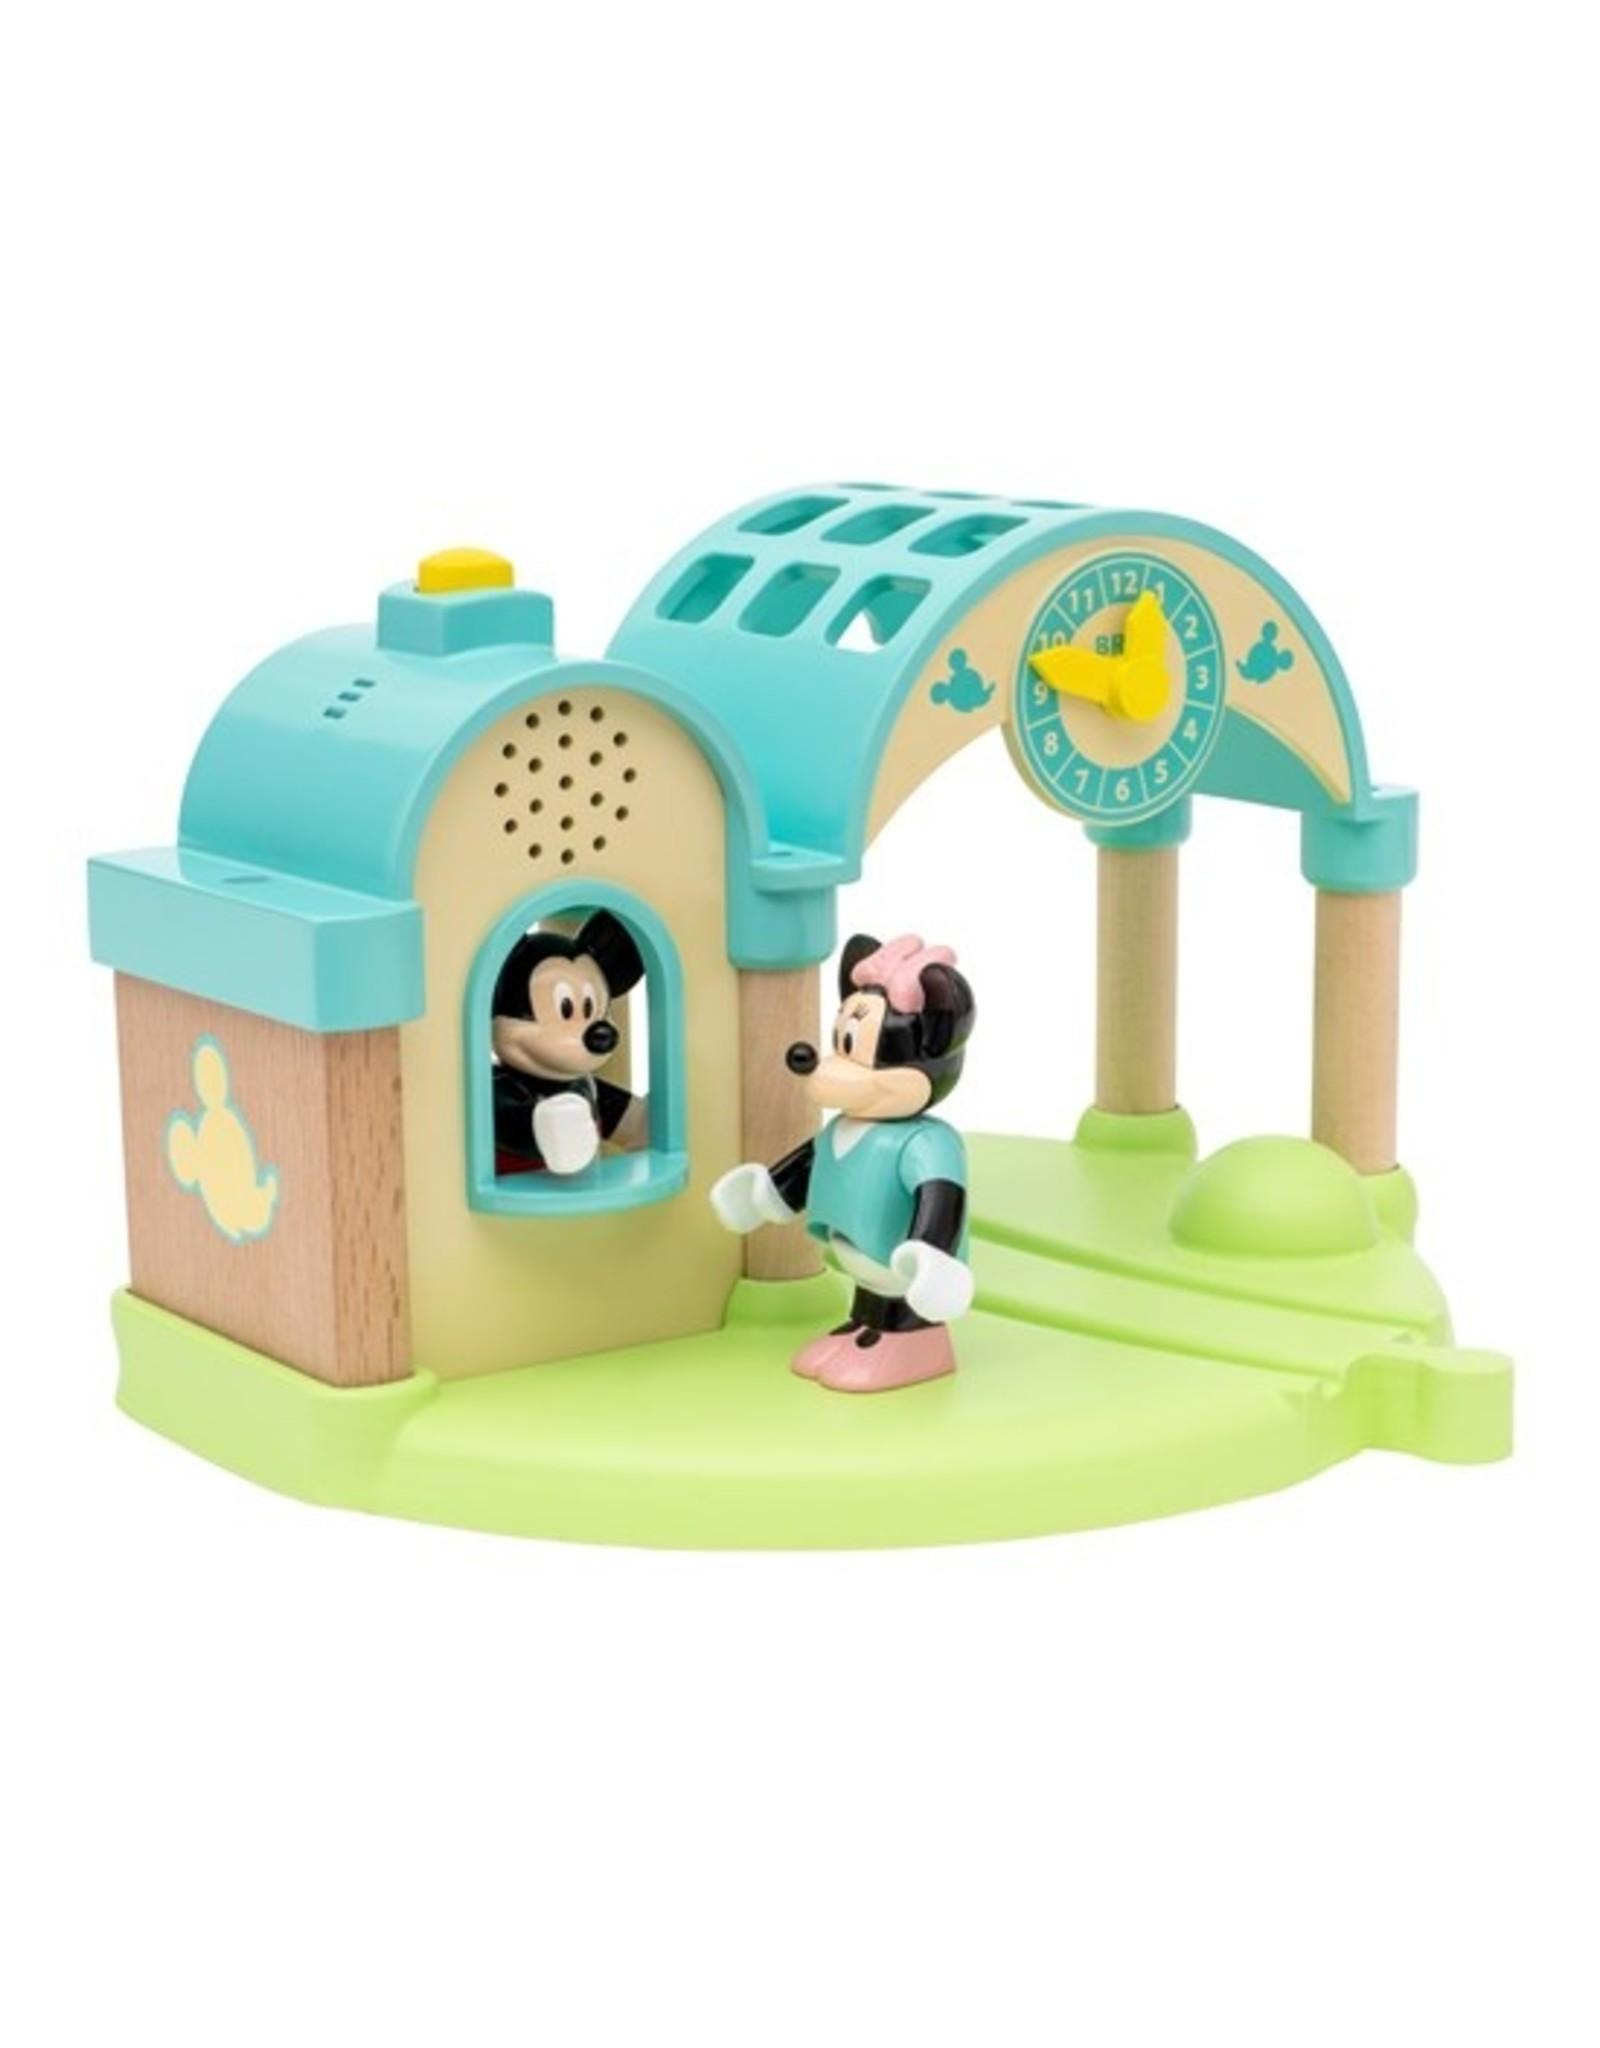 Brio BRIO Mickey Mouse Record & Play Train Station